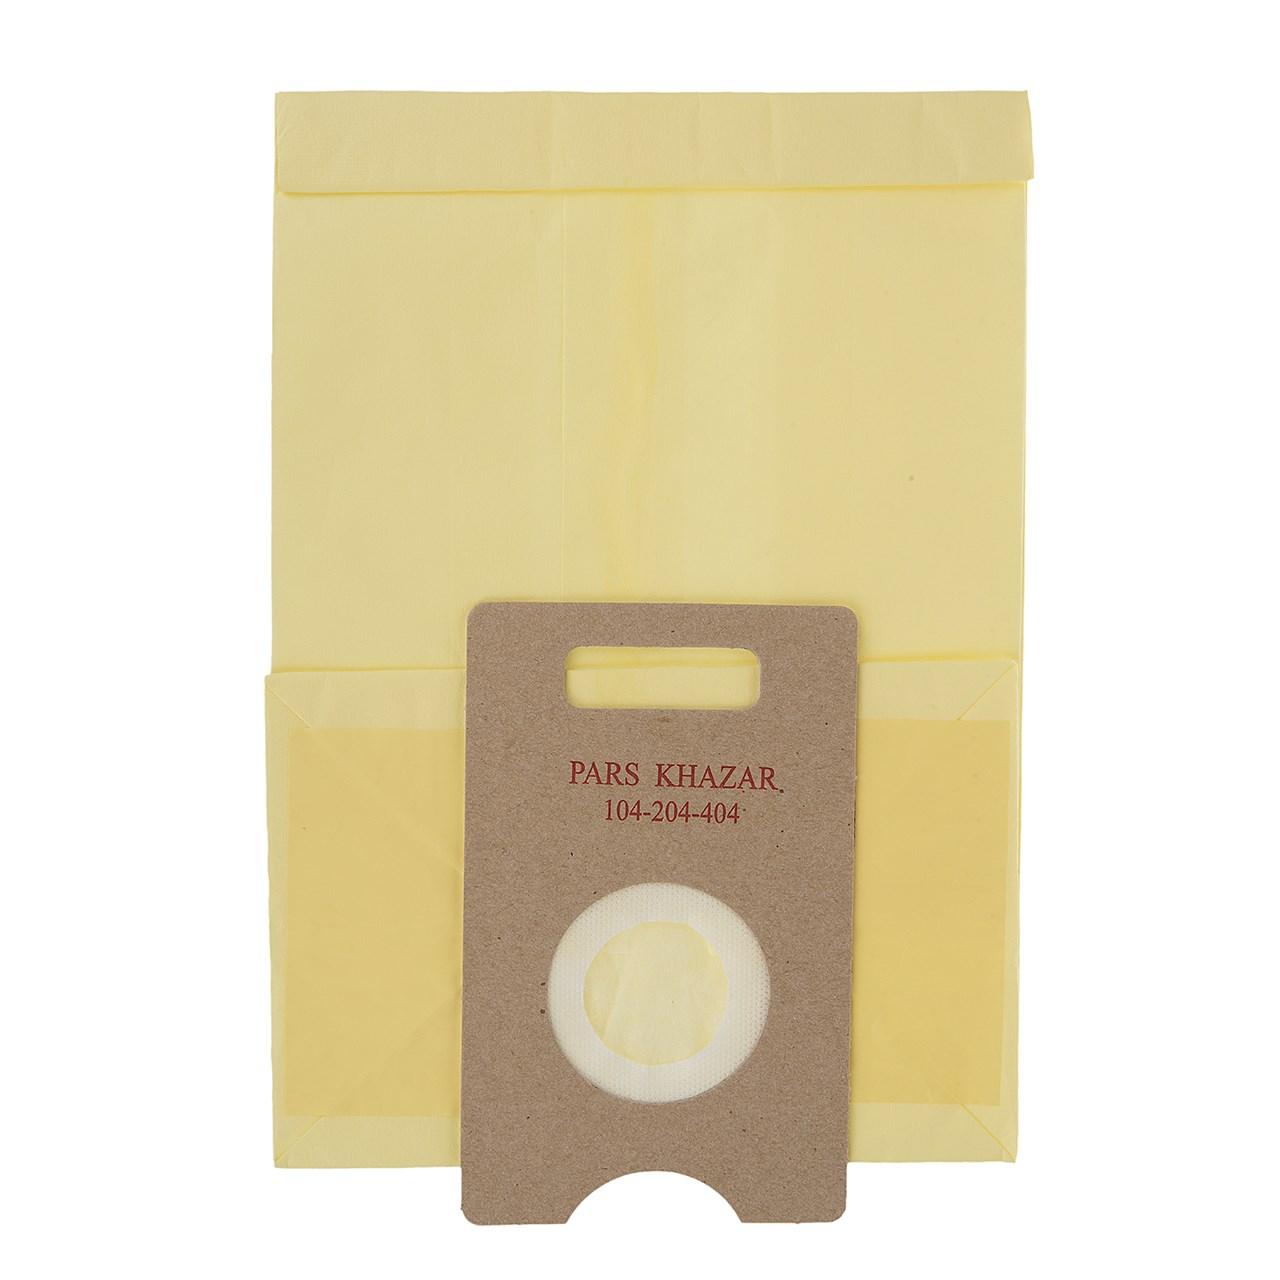 کیسه جاروبرقی پارس خزر مدل 04 مناسب برای جاروبرقی های 104/204/404 بسته 5 عدد